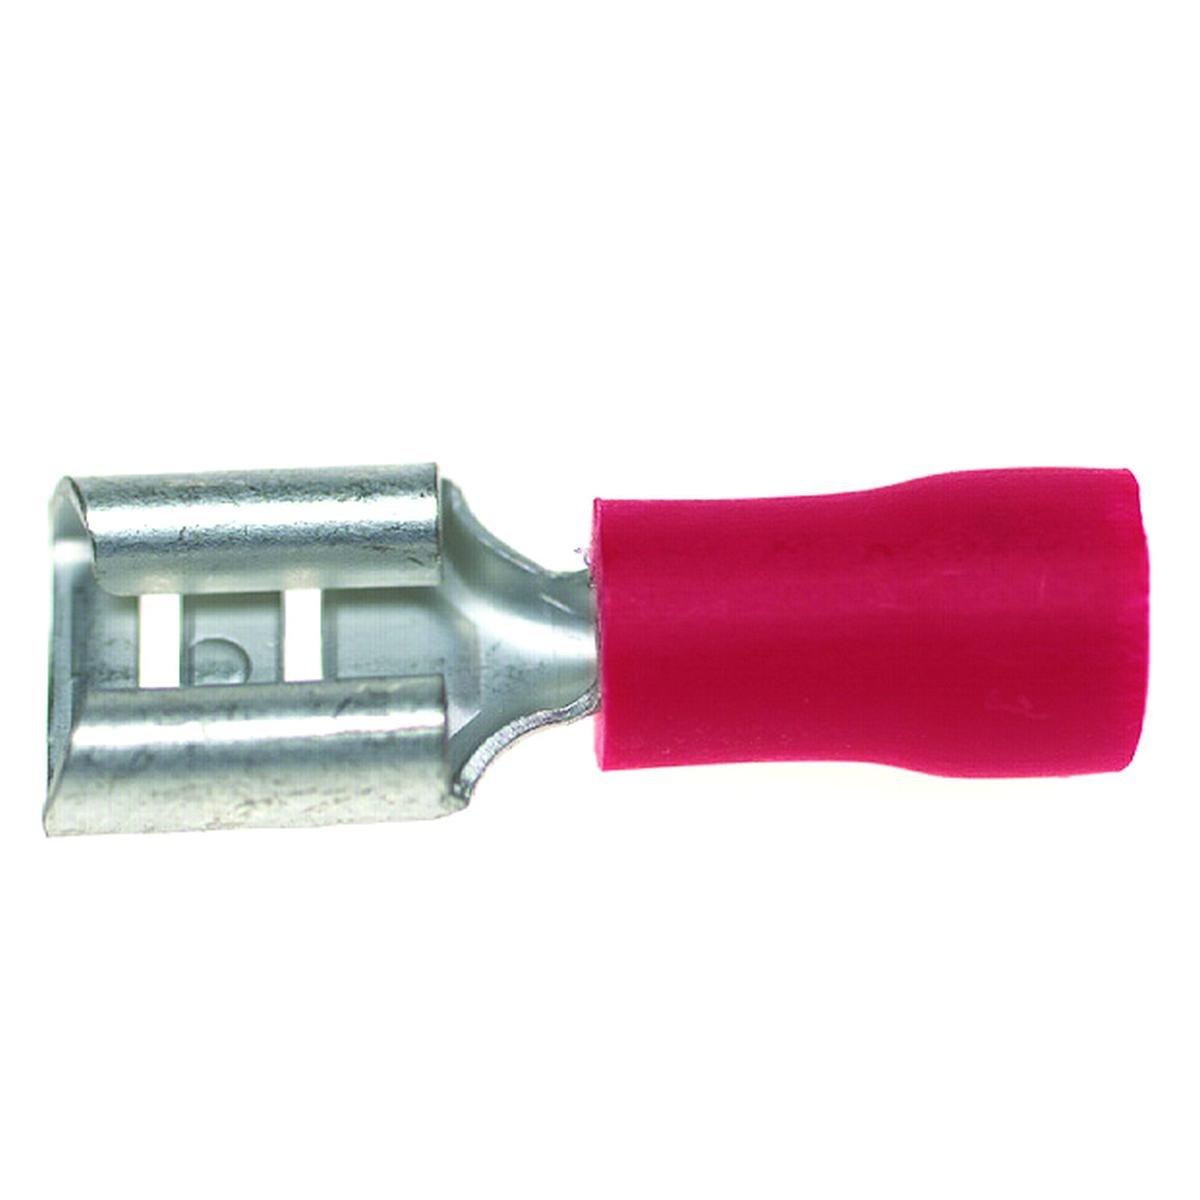 Fladstiksko 0,5 - 1,5 mm² 6,3 mm. stik rød pose me